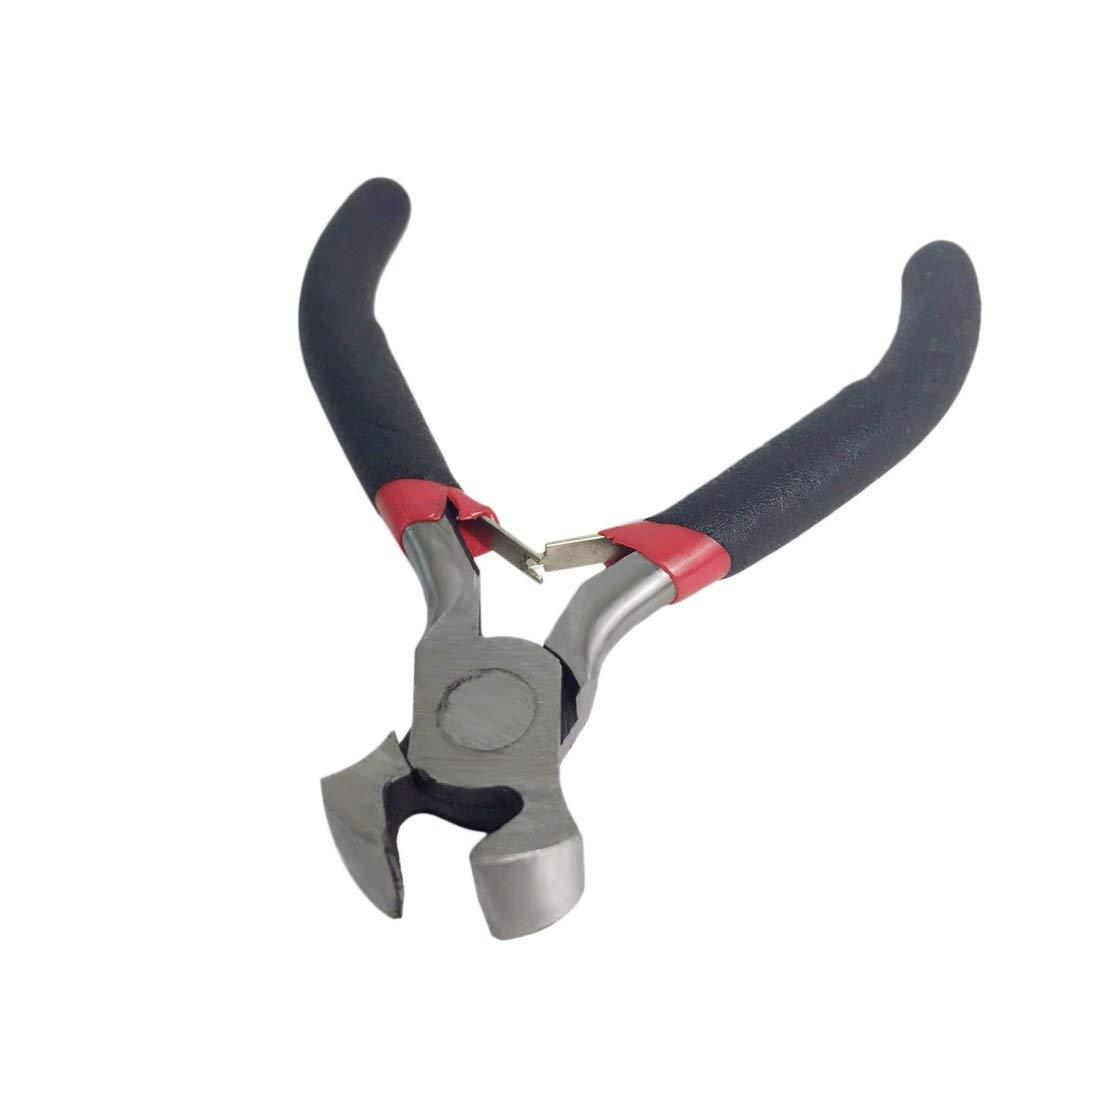 Gwendoll 5 unids Mini DIY Joyer/ía Haciendo Alicates Set Acero Al Carbono y PVC Abalorios Envoltura de Alambre Redondo Largo Doblado Mini Alicate Cortador Kit de Herramientas